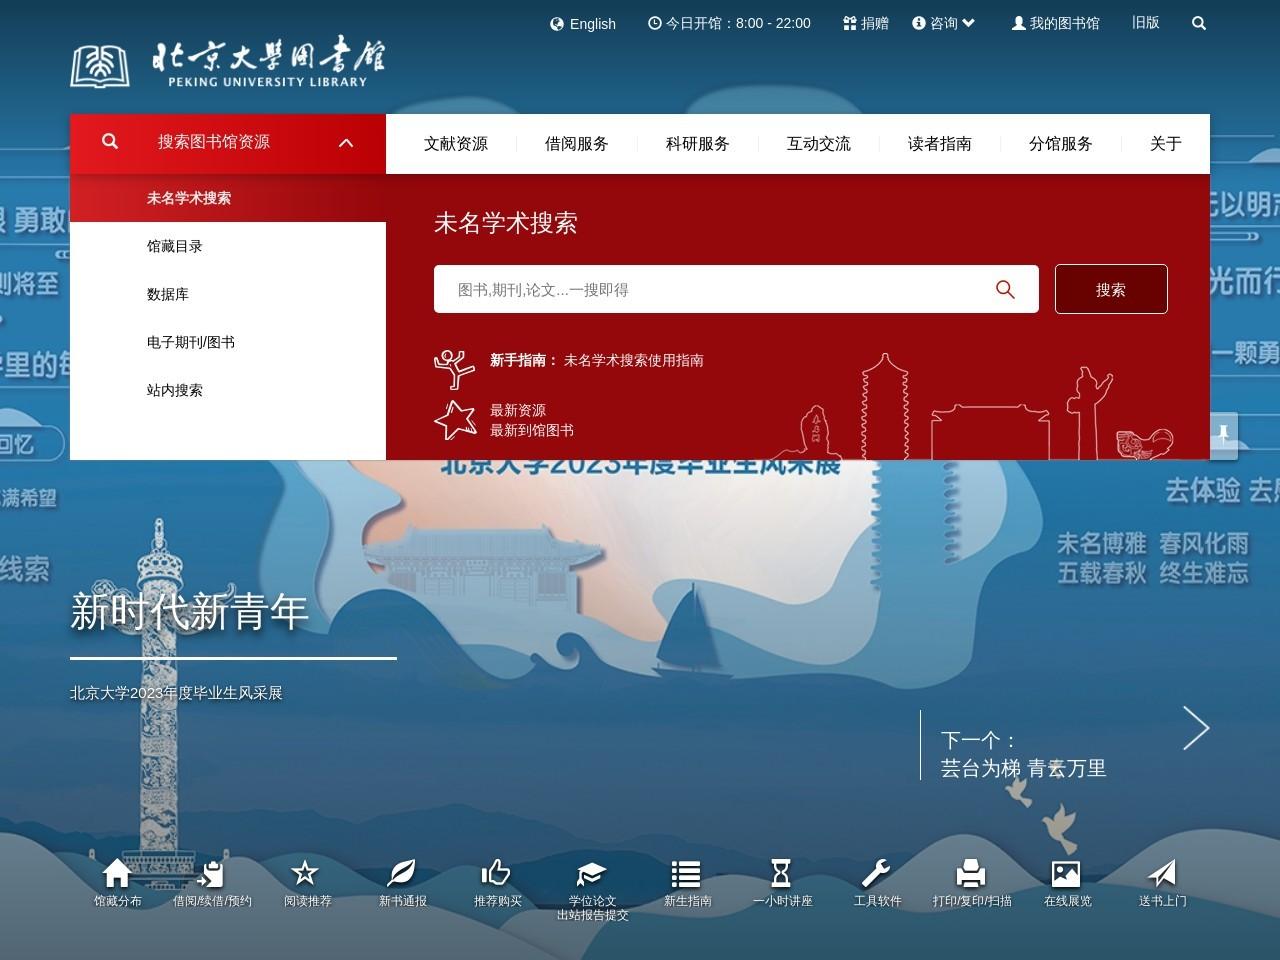 北京大学图书馆截图